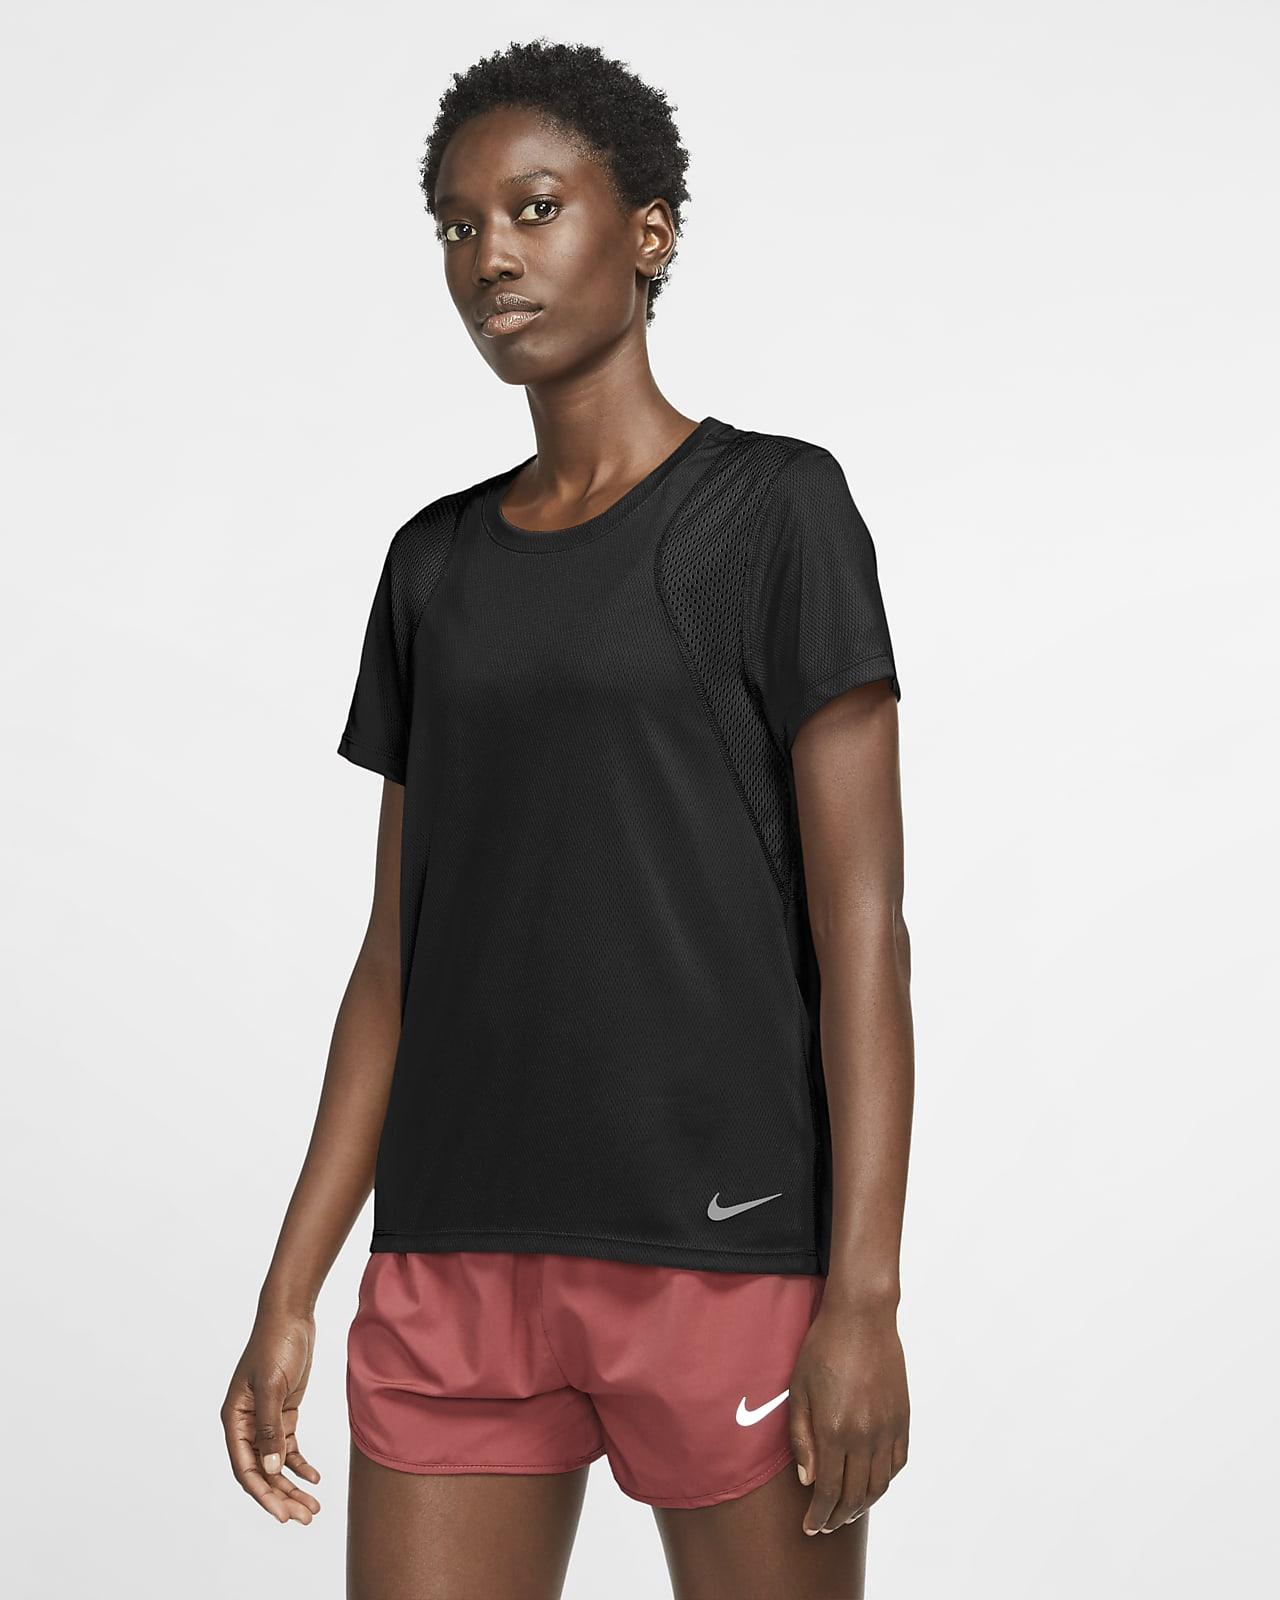 Kortärmad löpartröja Nike Run för kvinnor